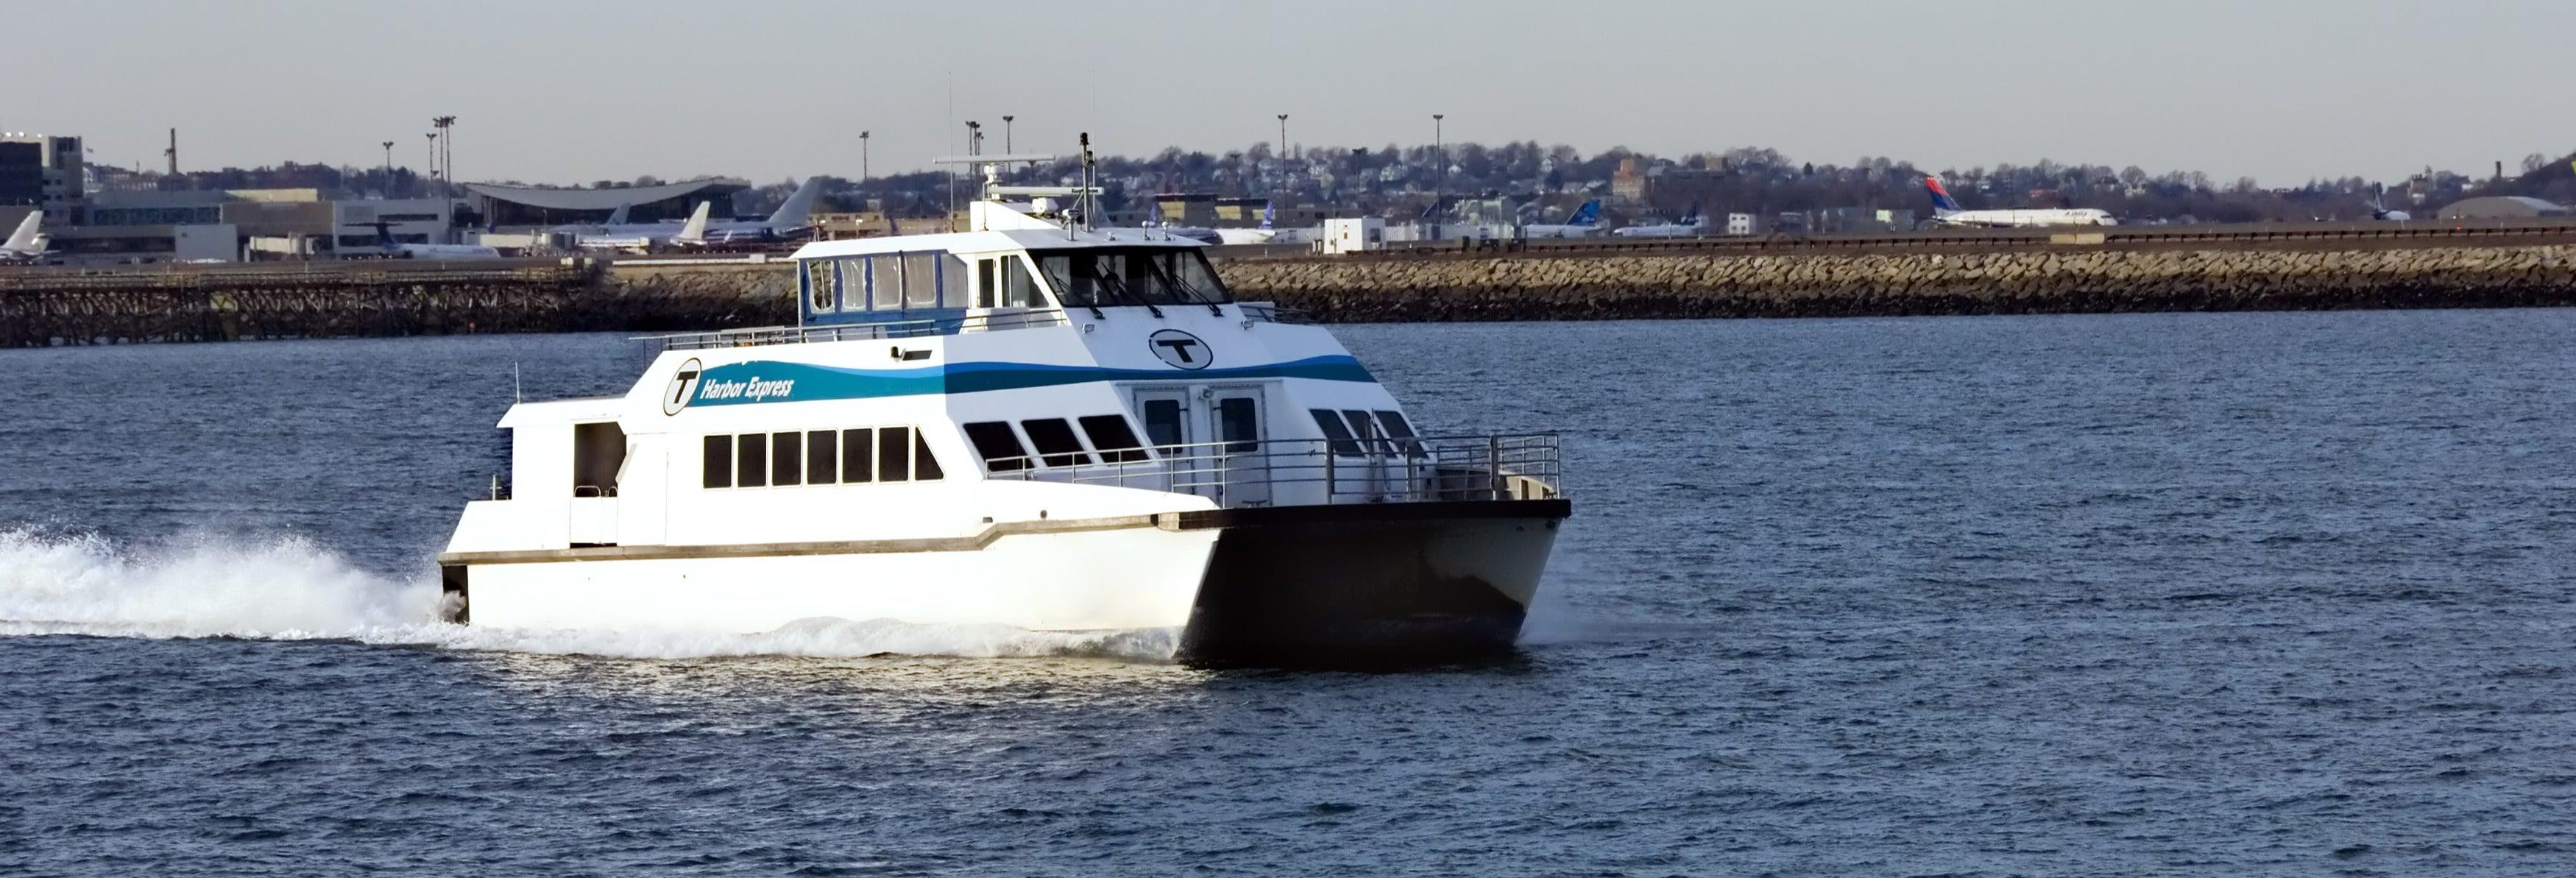 Passeio de barco pelo porto de Boston